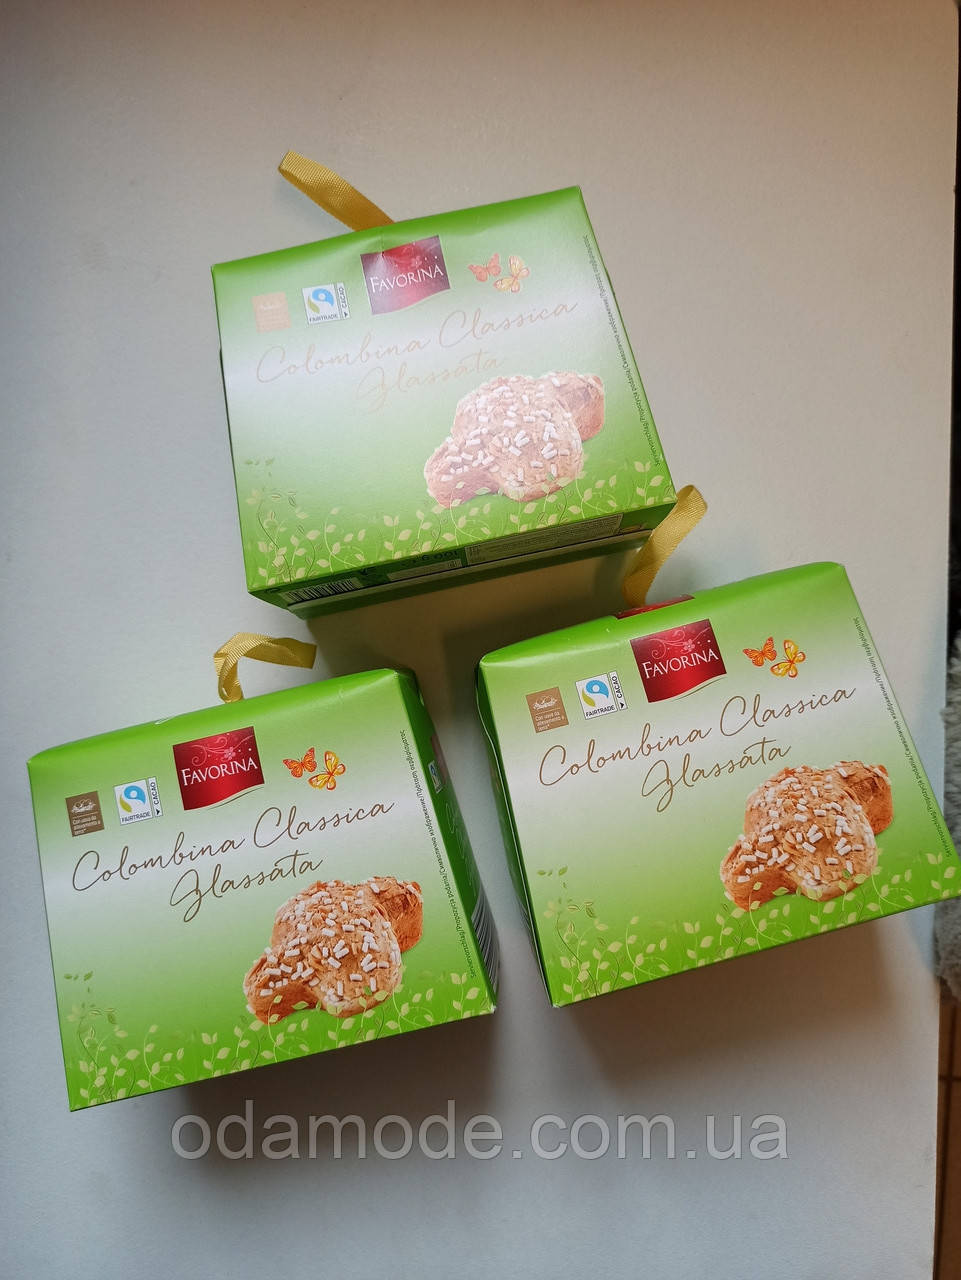 Пасхальный  кекс от  Favorina.